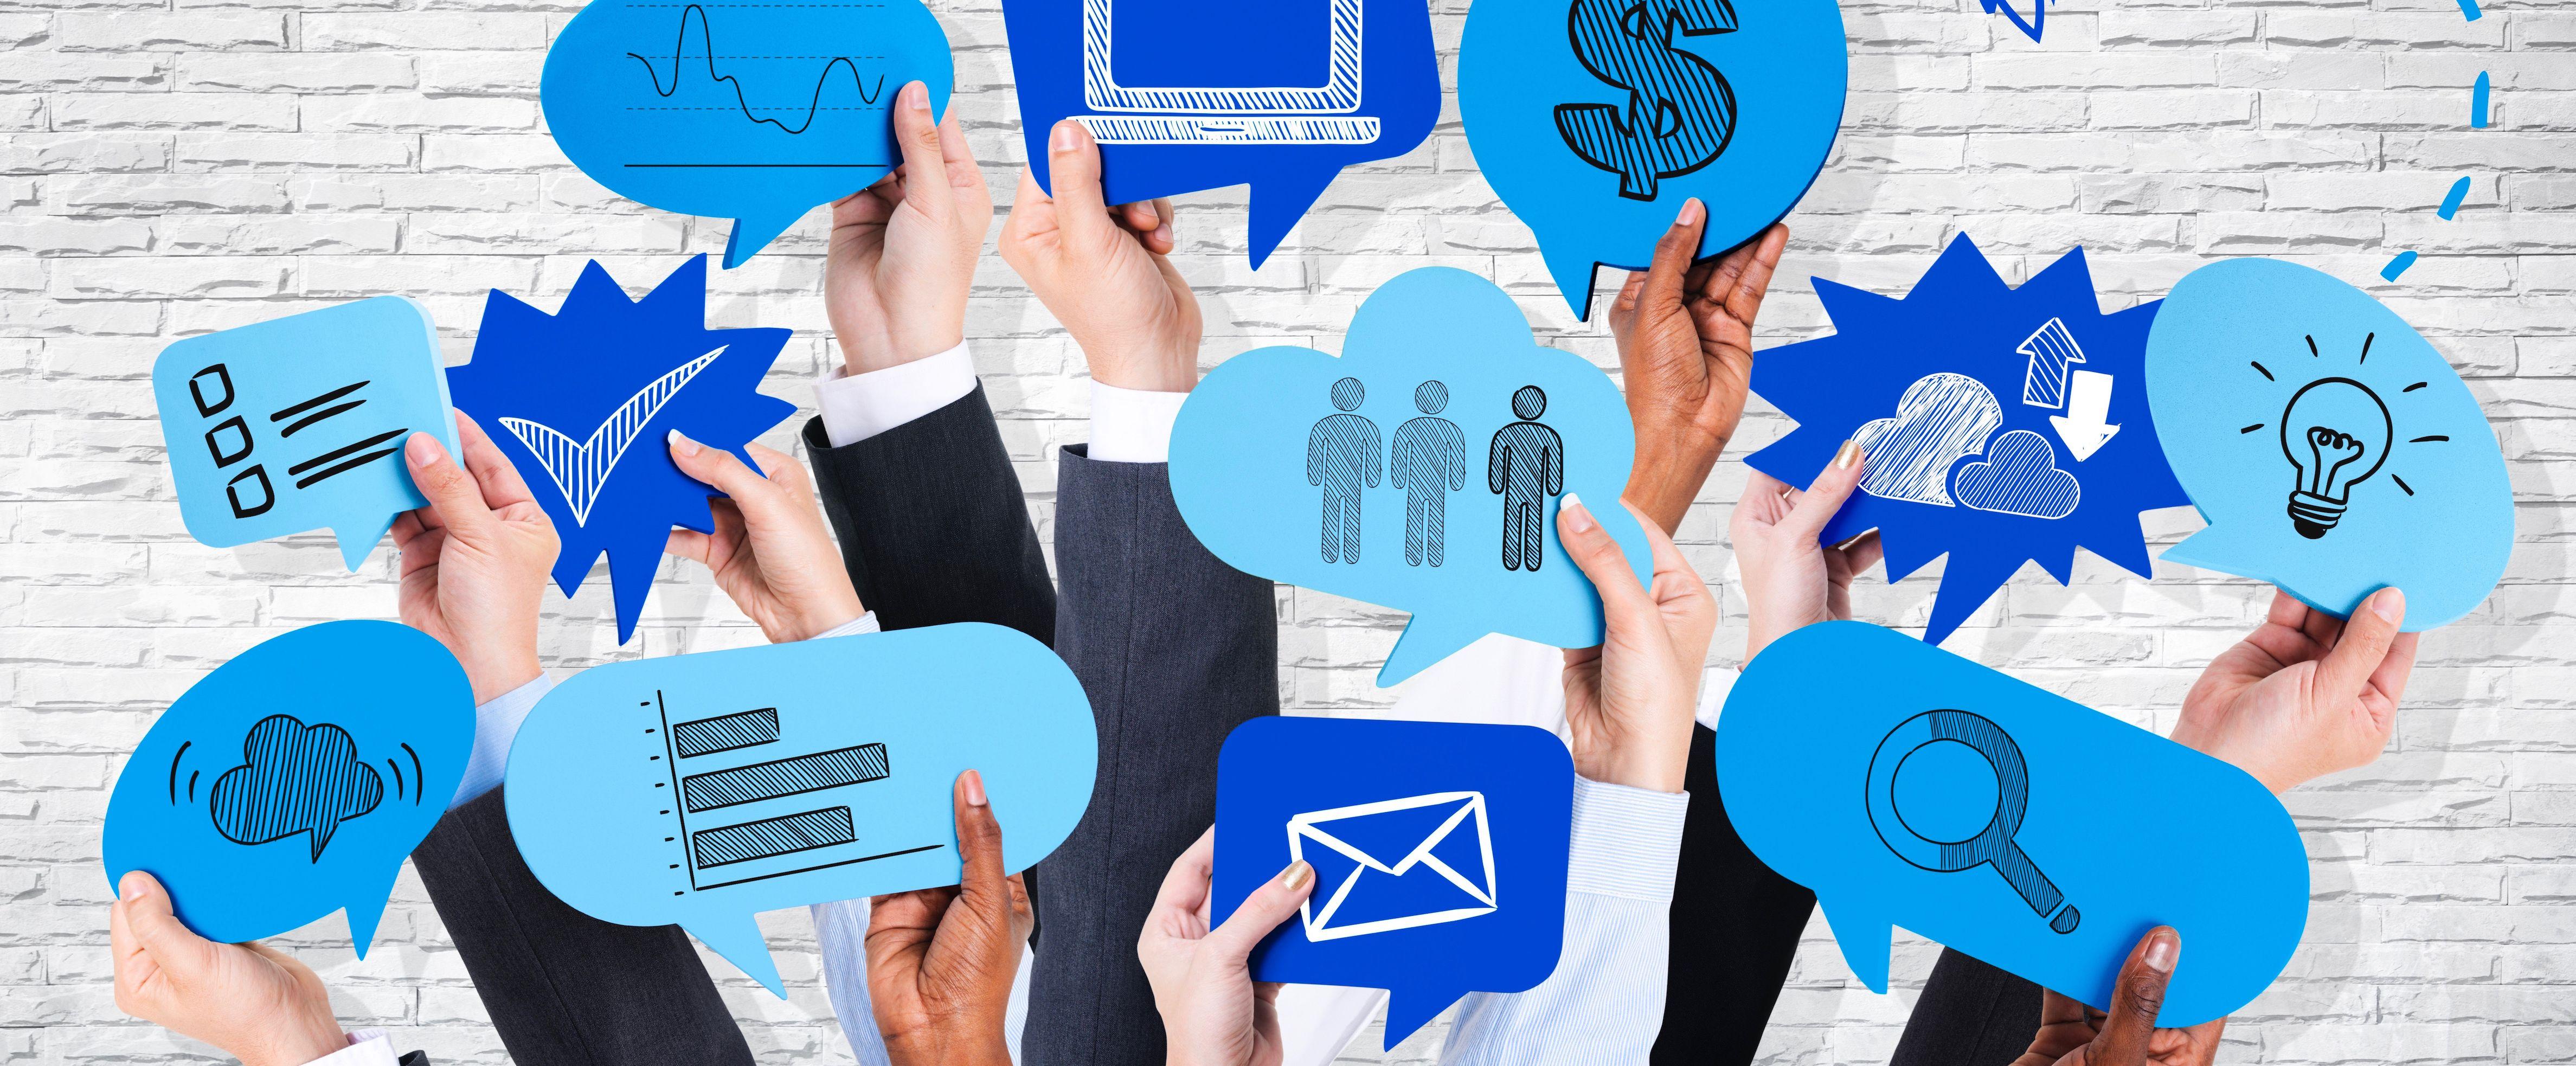 [Guía gratis] Cómo crear un equipo eficaz para el manejo de redes sociales